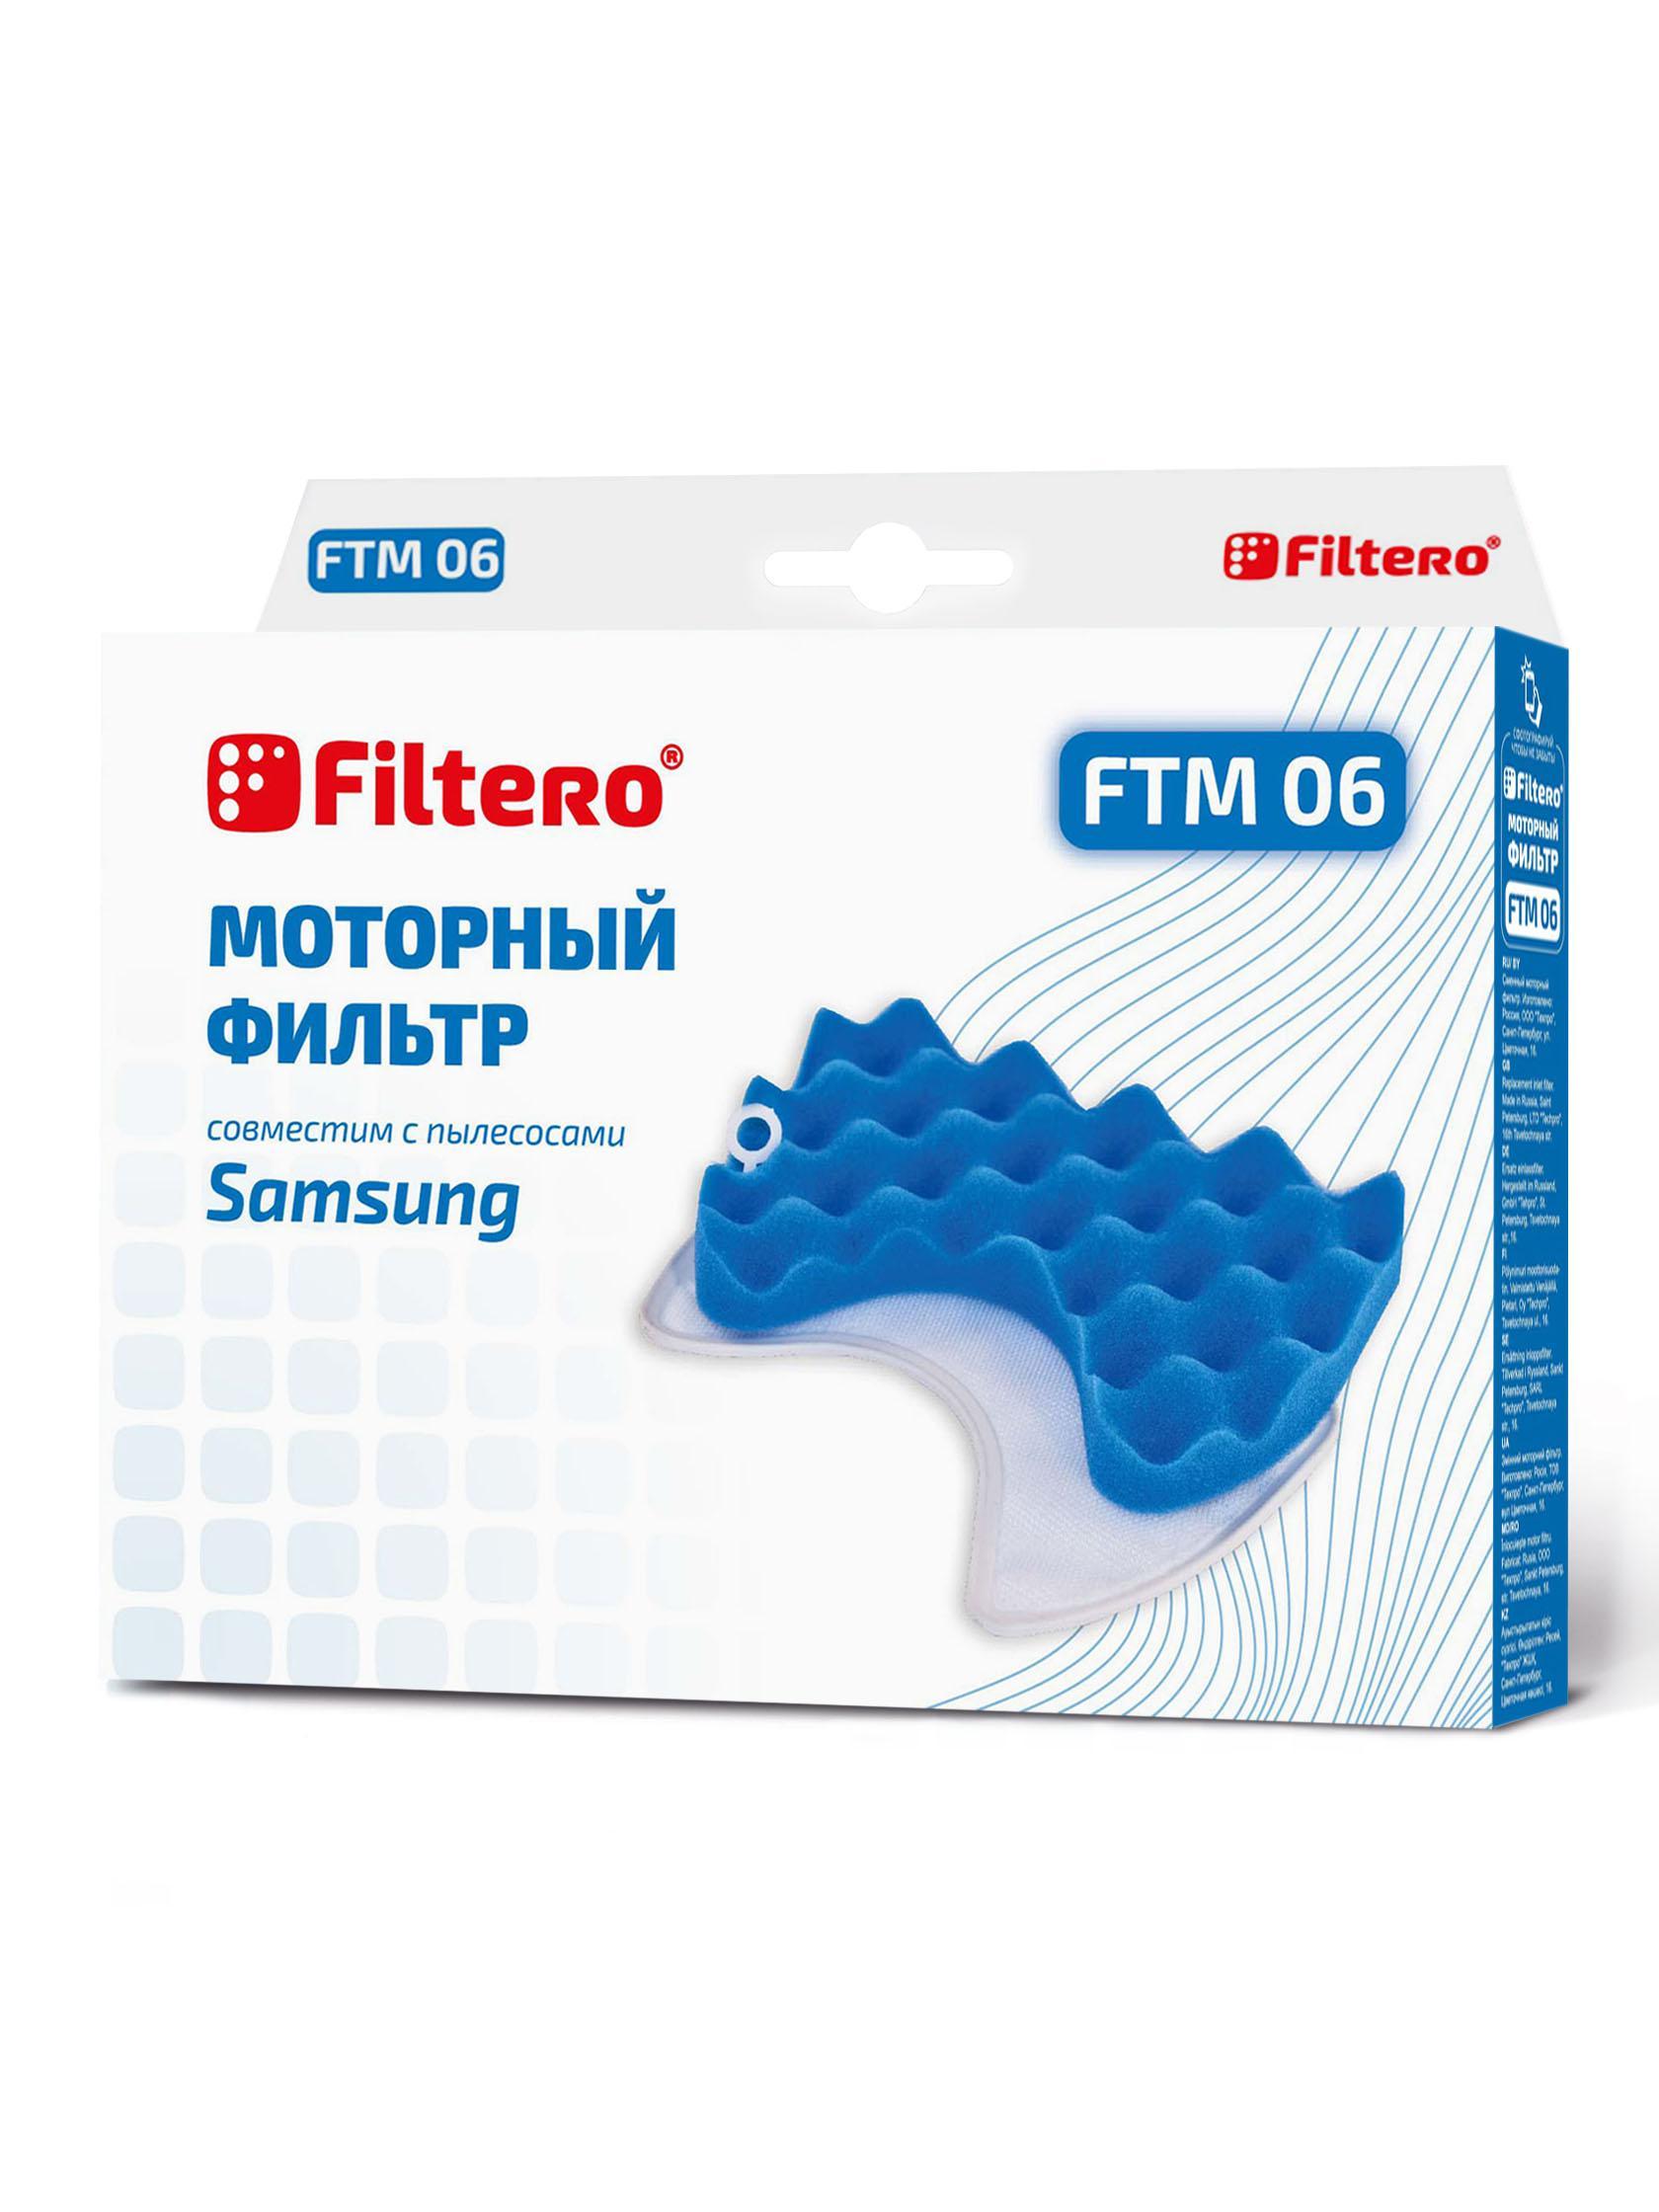 Фильтр Filtero Ftm 06 sam